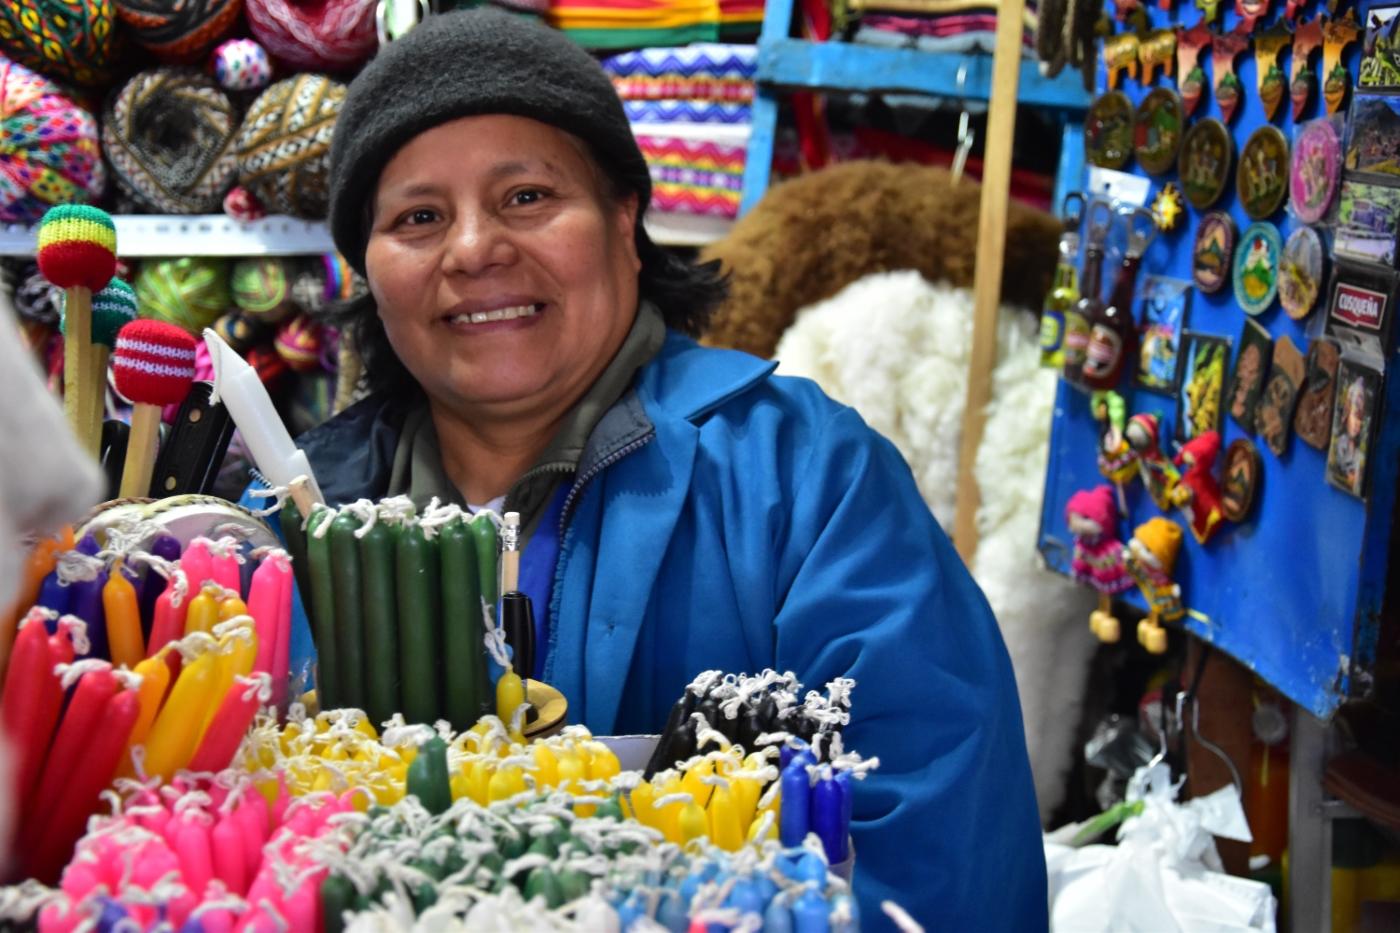 Peru_Cusco_SanPedroMarket_LinaFuller-4